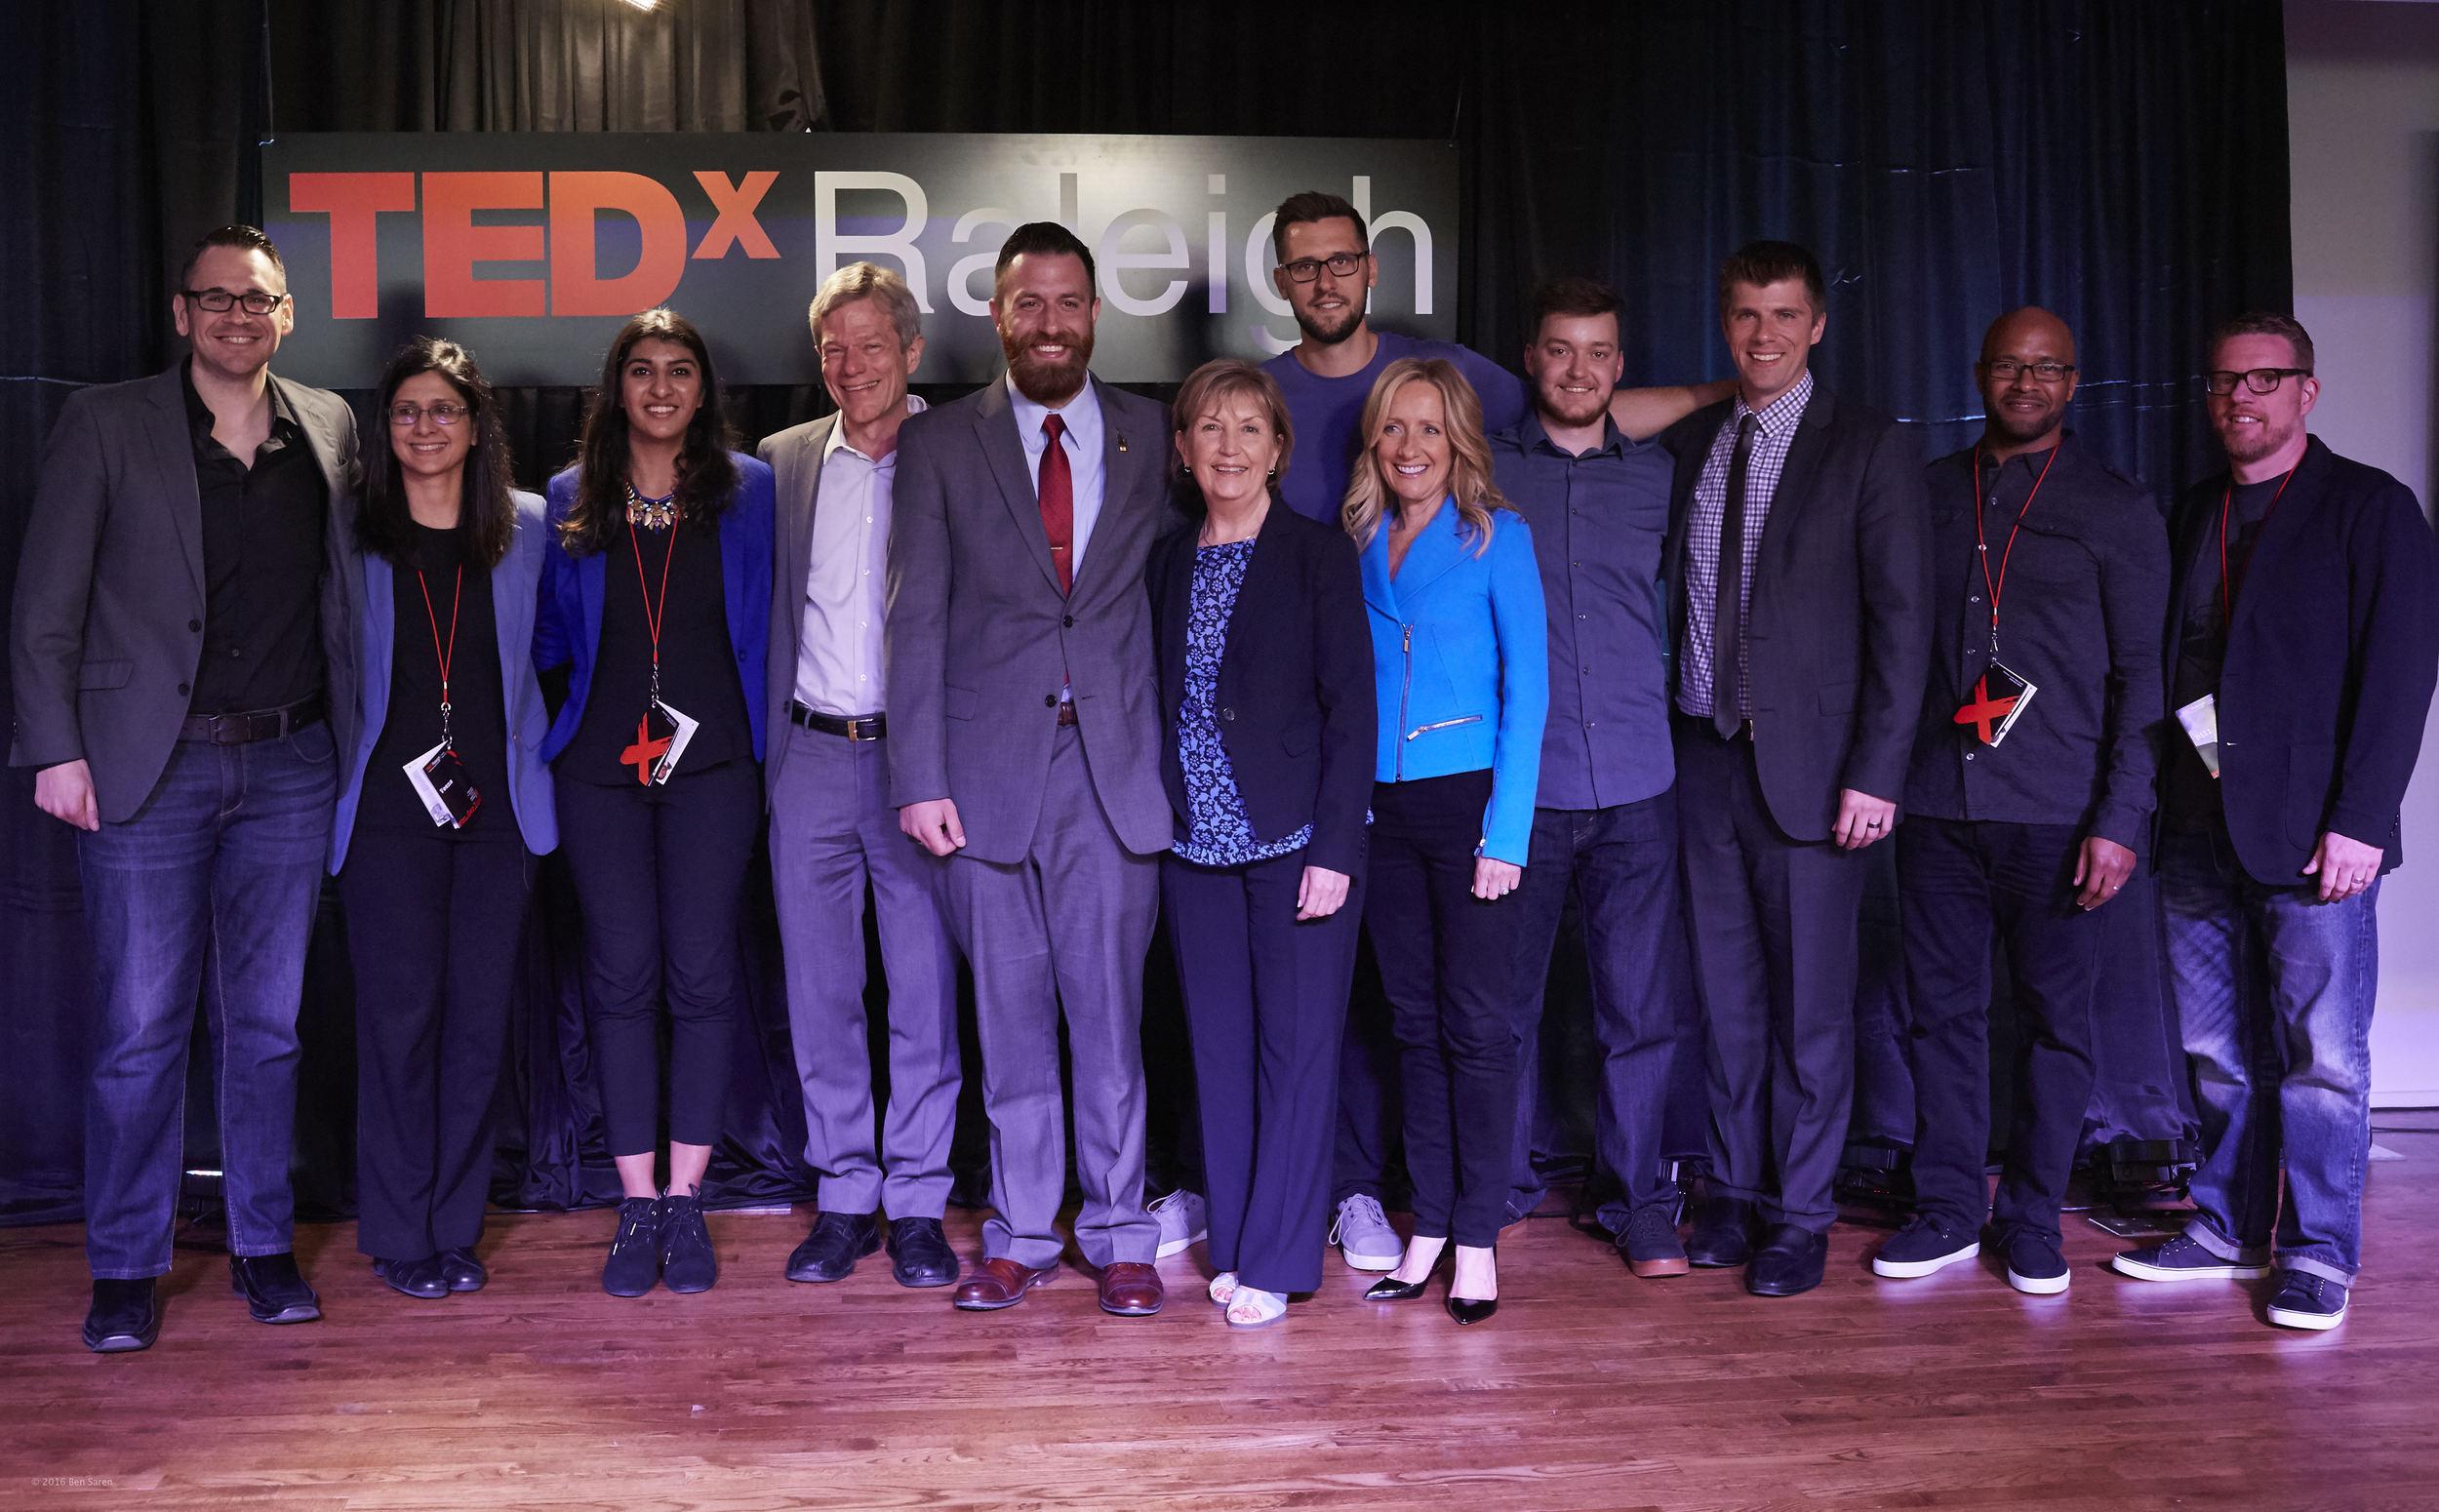 TEDxRaleigh-_K9A9265 (1).jpg